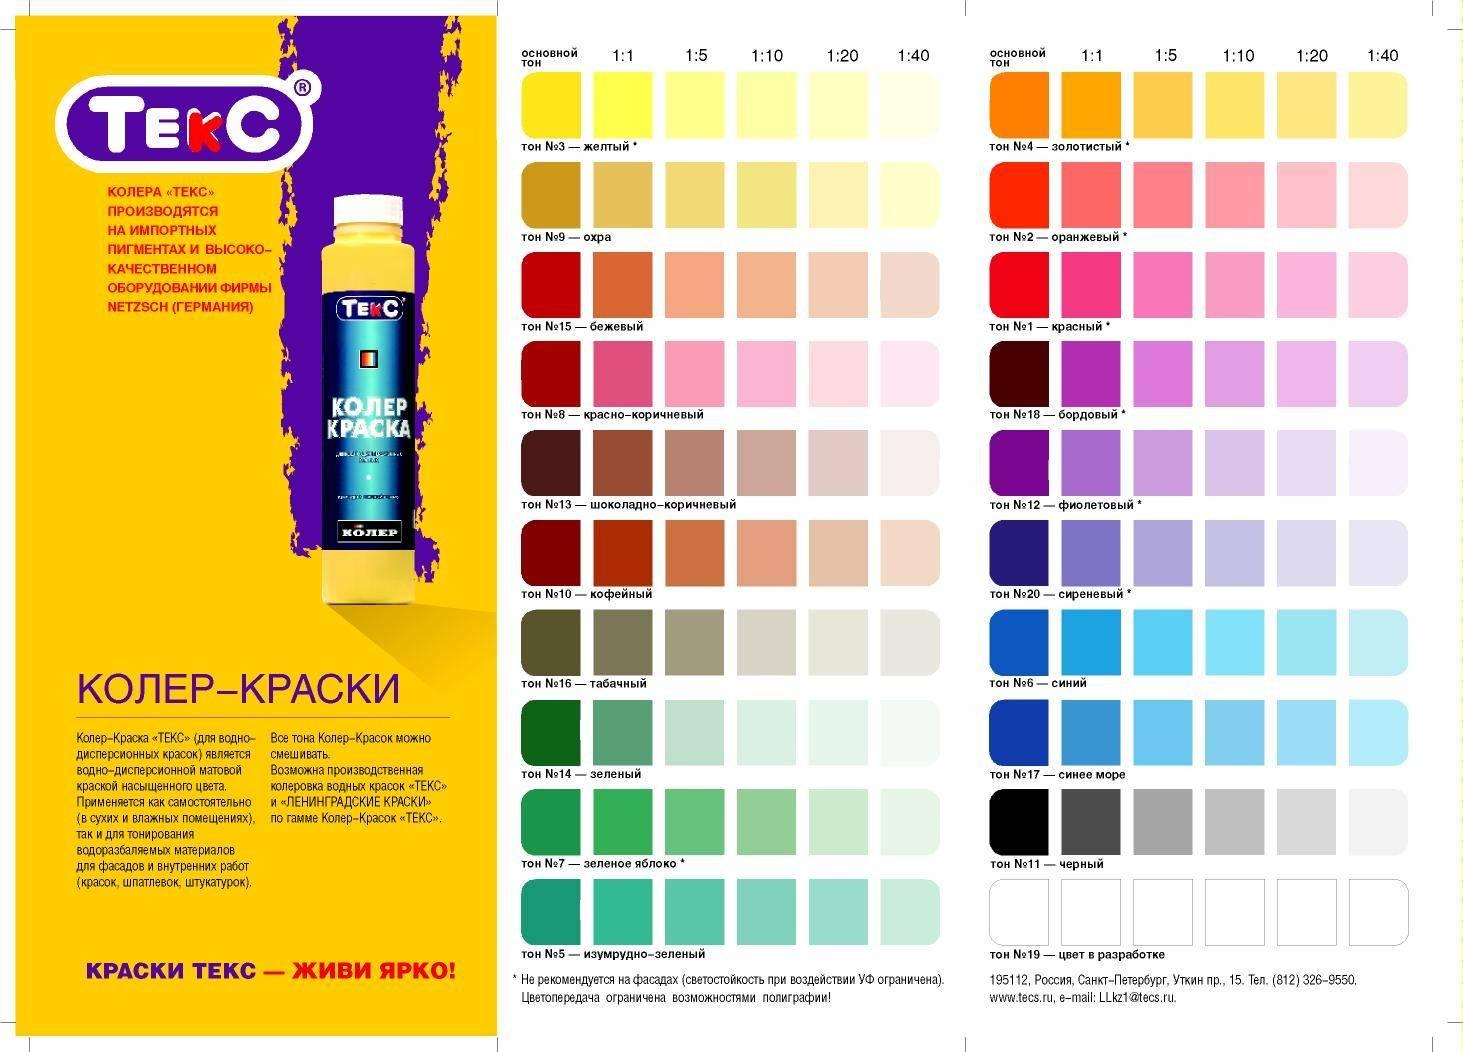 Колер для краски: как добавлять для нужного оттенка